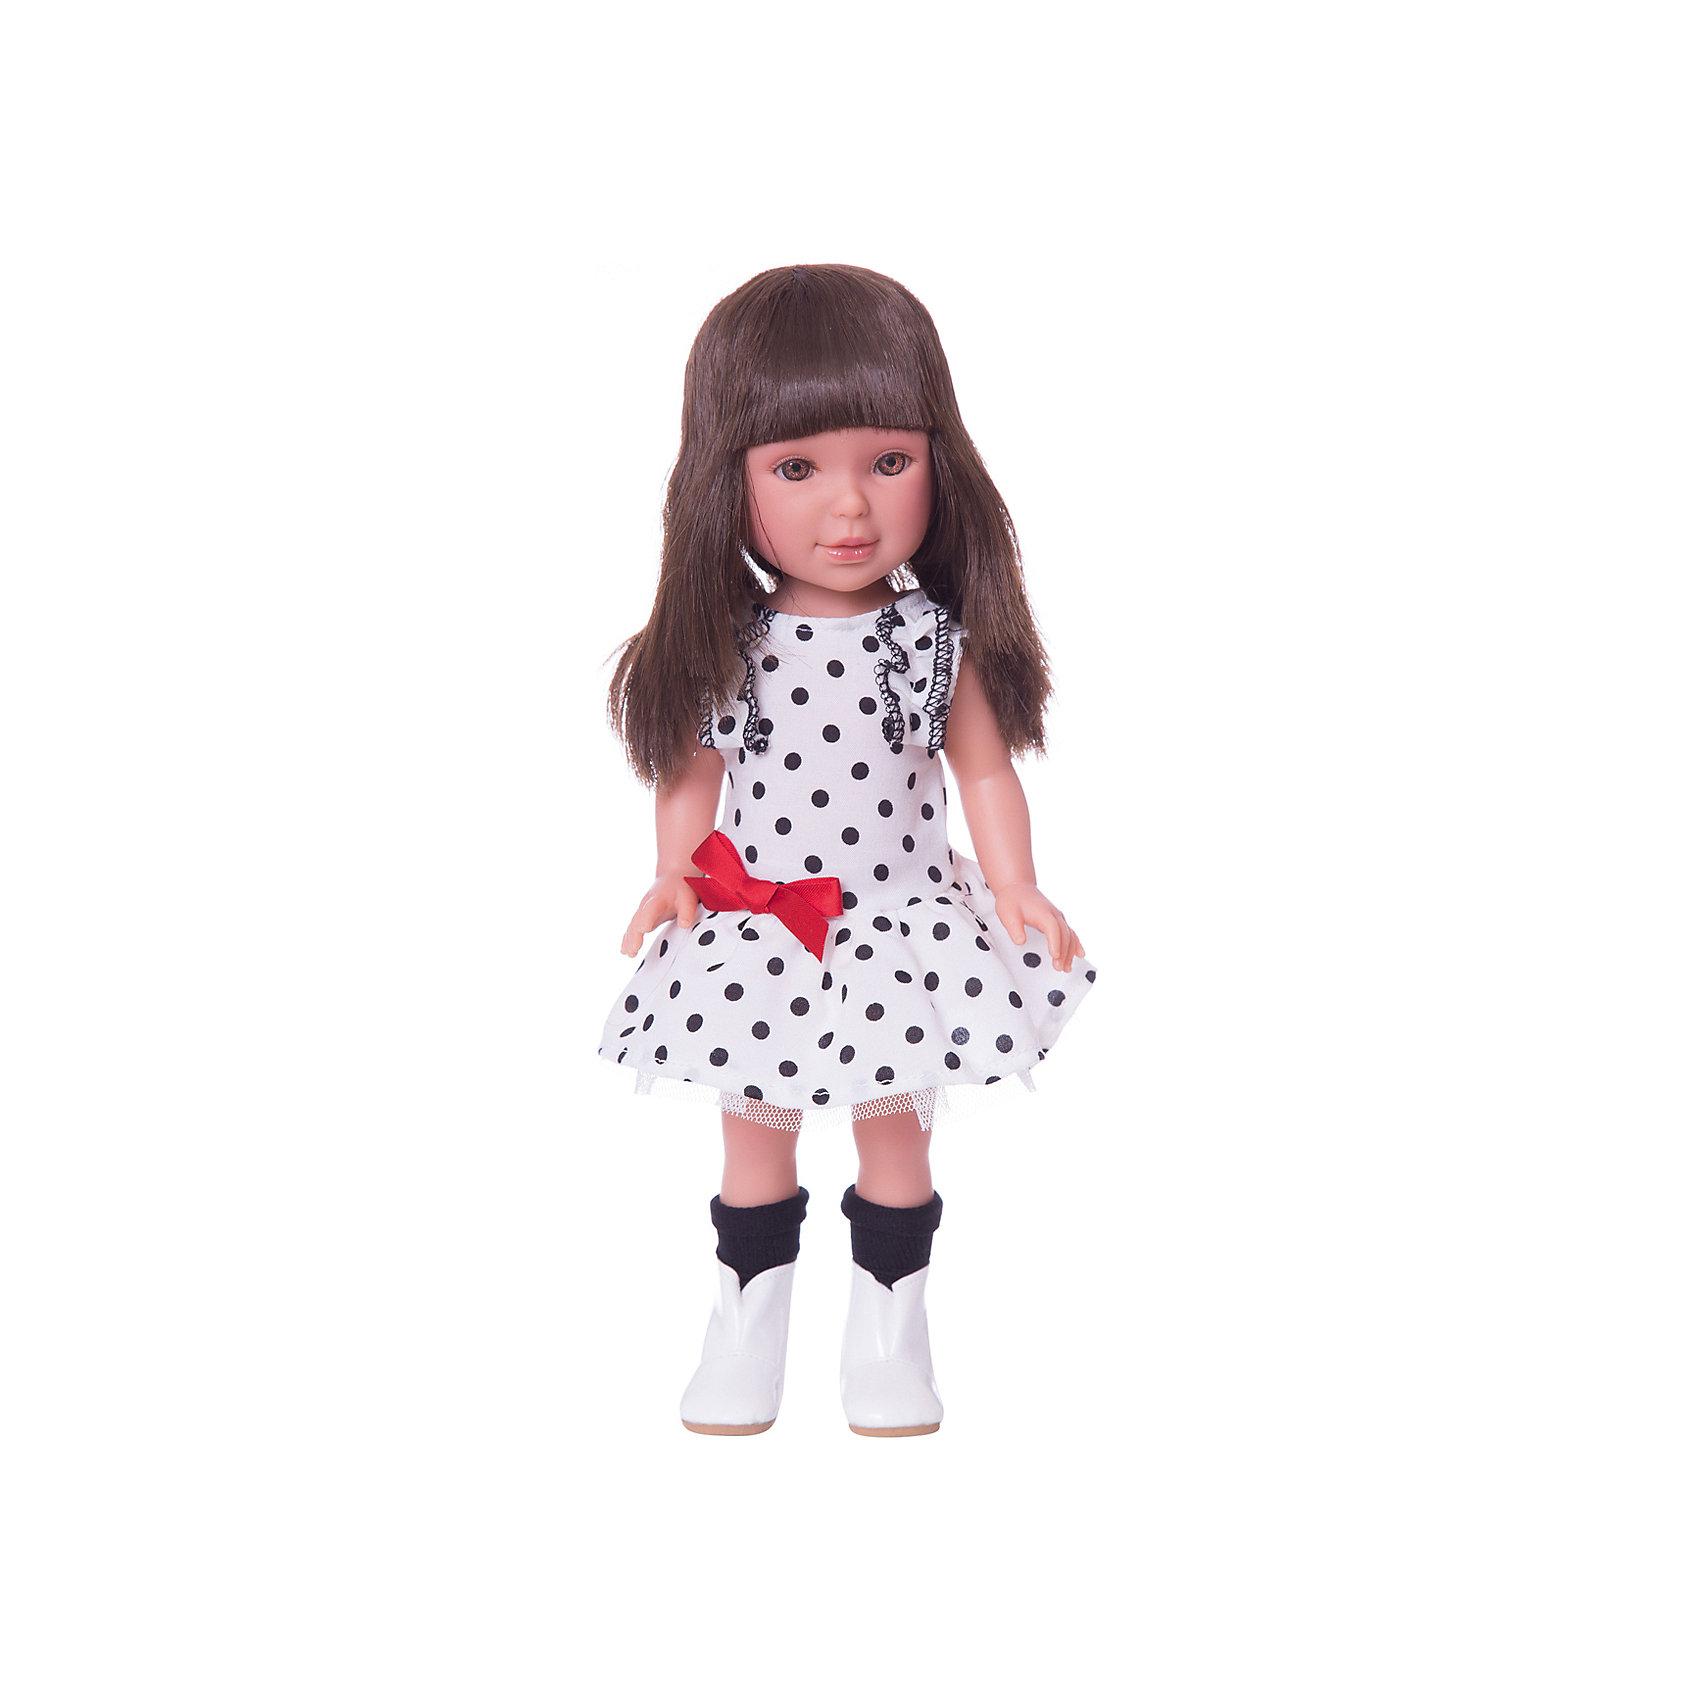 Кукла Паулина, брюнетка с челкой, Весна Техас, Vestida de AzulКлассические куклы<br>1. Хорошенькая брюнетка Паулина в стильном наряде: белое платье в горох с пышной юбкой, украшенная красным бантом, гольфы и сапоги. Броский весенний образ в стиле техас поможет сформировать вкус ребенка.<br>2. У куклы очень приятное и милое личико: щечки с легким румянцем, слегка вздернутый носик, пухлые губки и выразительные глаза с длинными ресницами, наклеенными вручную, которые выглядят как настоящие.<br>3. Длинные волосы куклы густо прошиты и напоминают натуральные. Челка прошита отдельно, а значит всегда будет красиво уложенной.  <br>4. Высокая детализация кукол: очень четко очерченные пальчики, складочки, румянец на щечках, коленках и локтях.<br>5. Кукла изготовлена из плотного гипоаллергенного винила без ароматизаторов, и умеет стоять без поддержи.<br>6. Подвижные руки, ноги и голова для незабываемой реалистичной игры.<br>7. Рост куклы - 33 см.<br><br>Ширина мм: 225<br>Глубина мм: 105<br>Высота мм: 405<br>Вес г: 700<br>Возраст от месяцев: 36<br>Возраст до месяцев: 2147483647<br>Пол: Женский<br>Возраст: Детский<br>SKU: 6844341